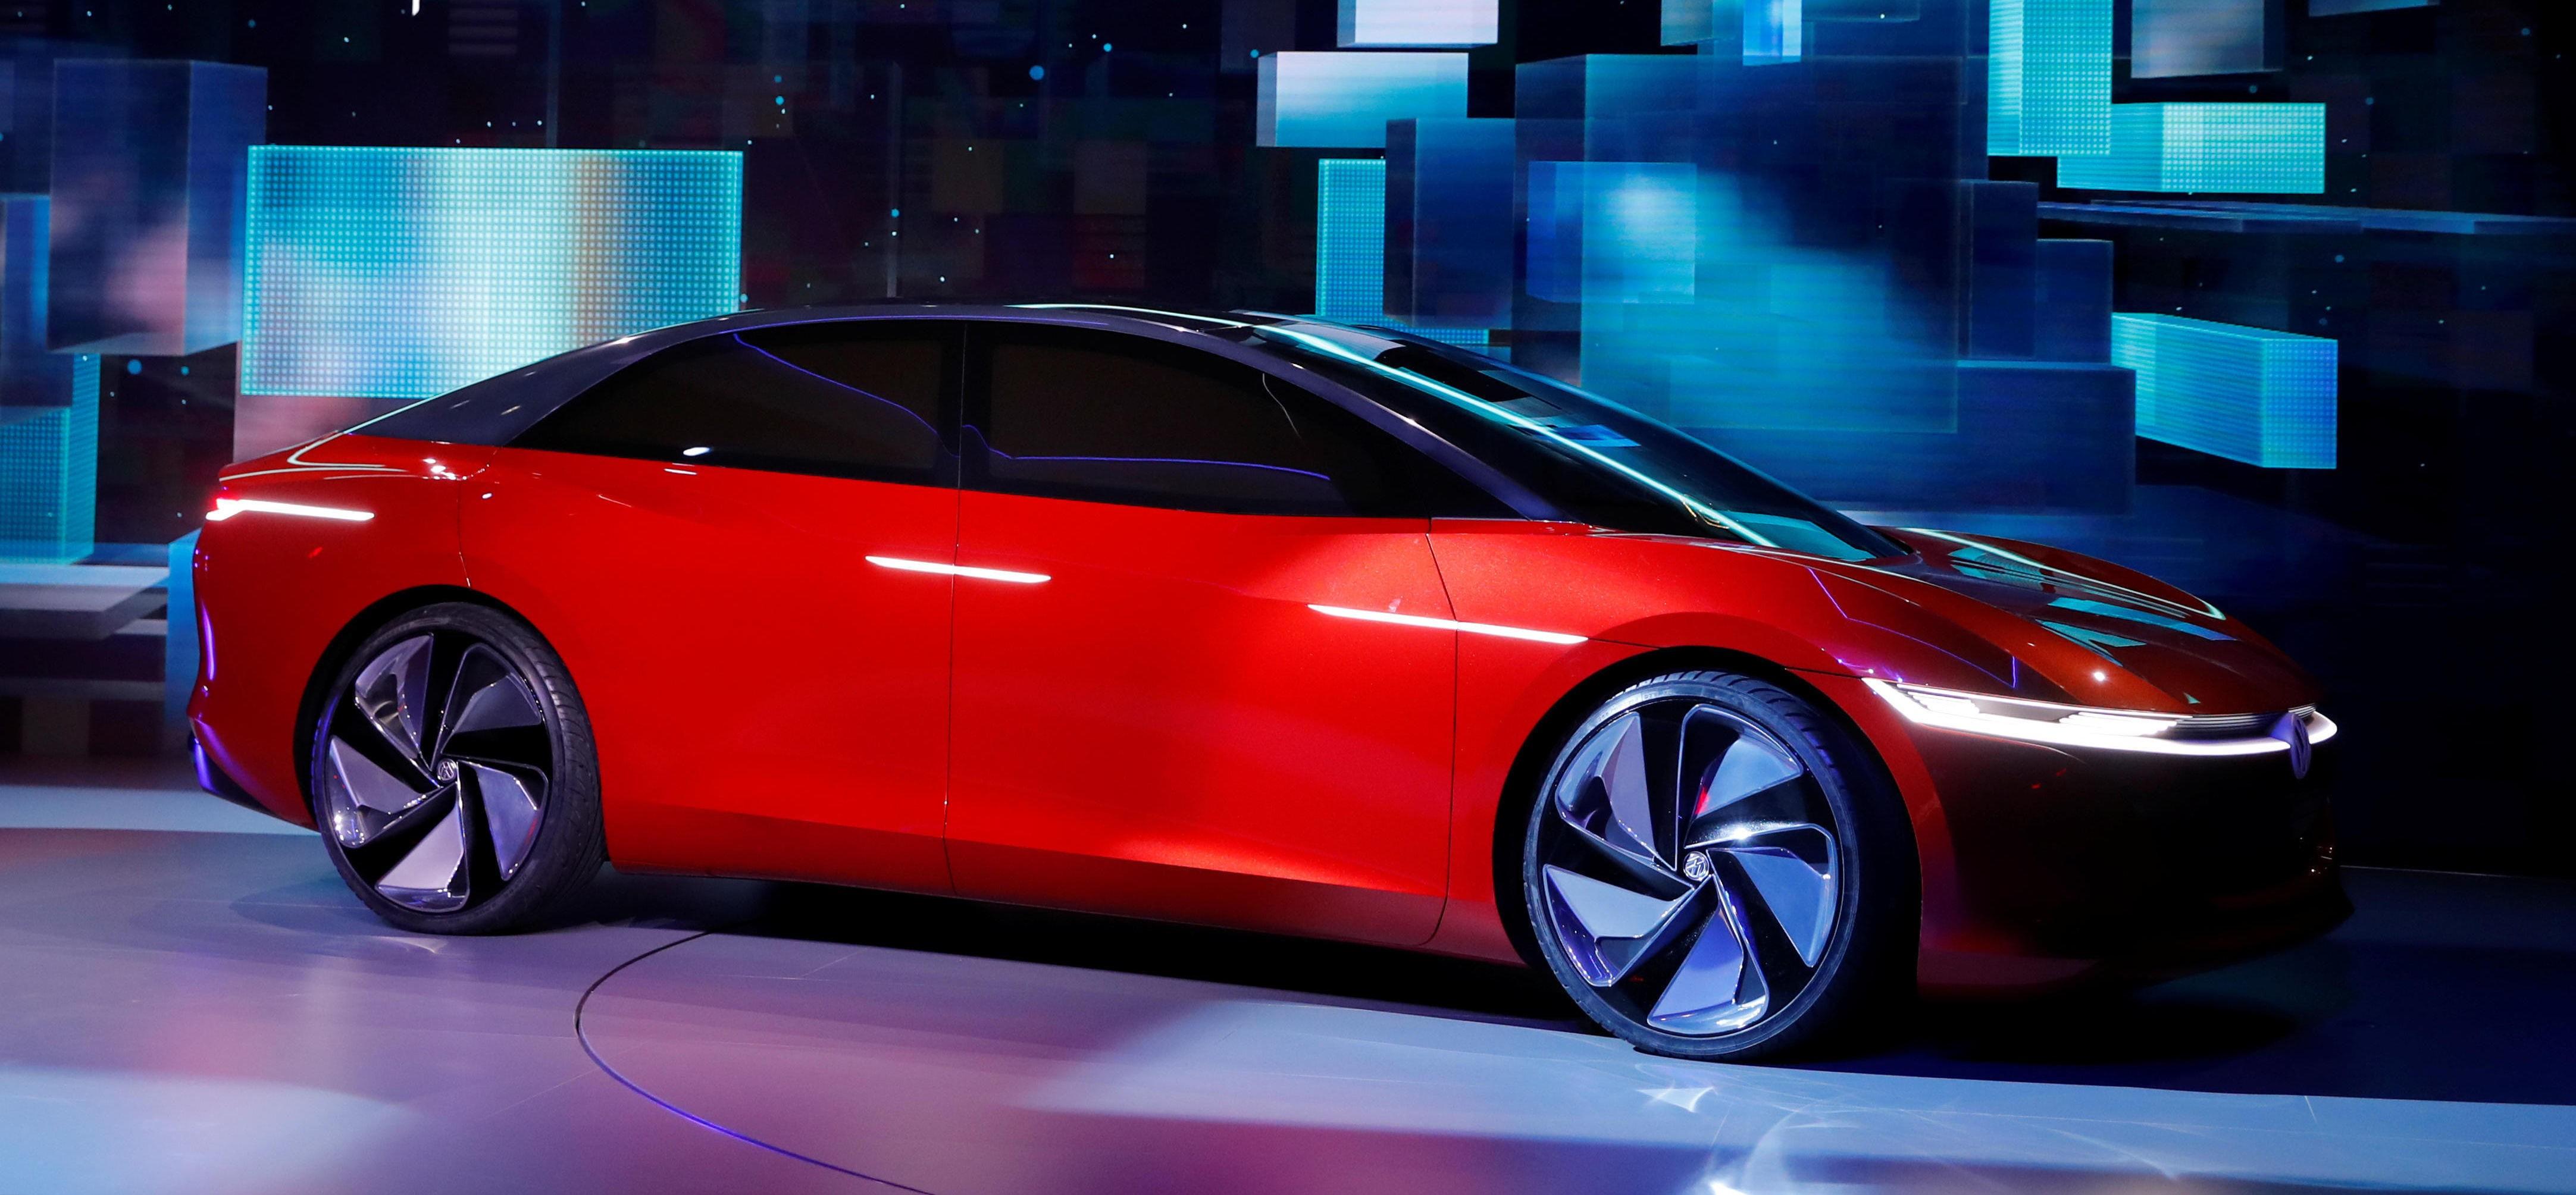 Akkurat offisiell: VW I.D. VIZZION debuterer på bilutstilingen i Geneve akkurat nå.